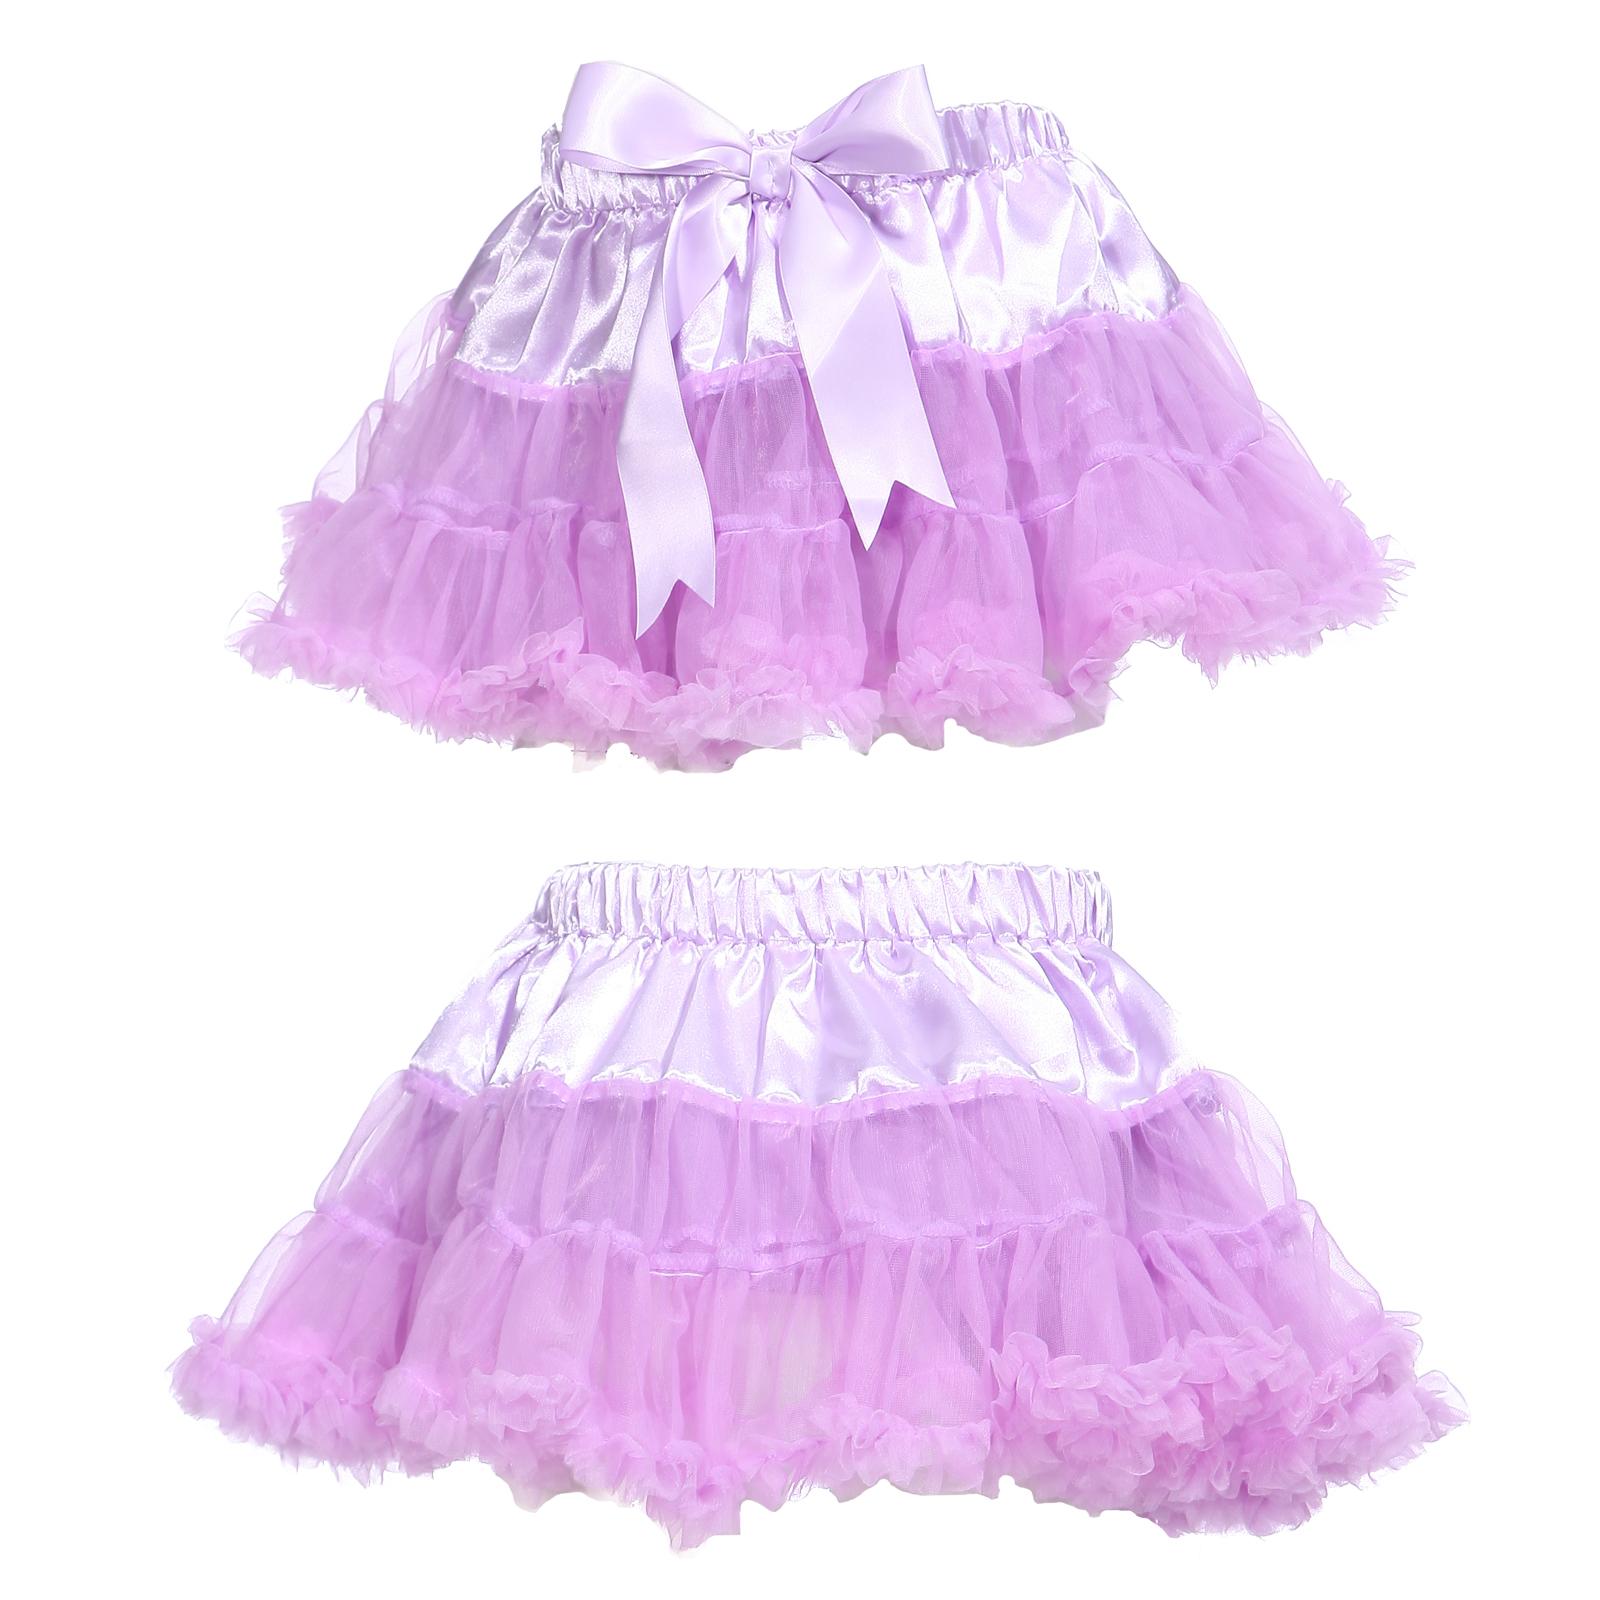 robe tutu fille enfant 4 10 ans 2 couches jupe jupon transparent elastique danse ebay. Black Bedroom Furniture Sets. Home Design Ideas